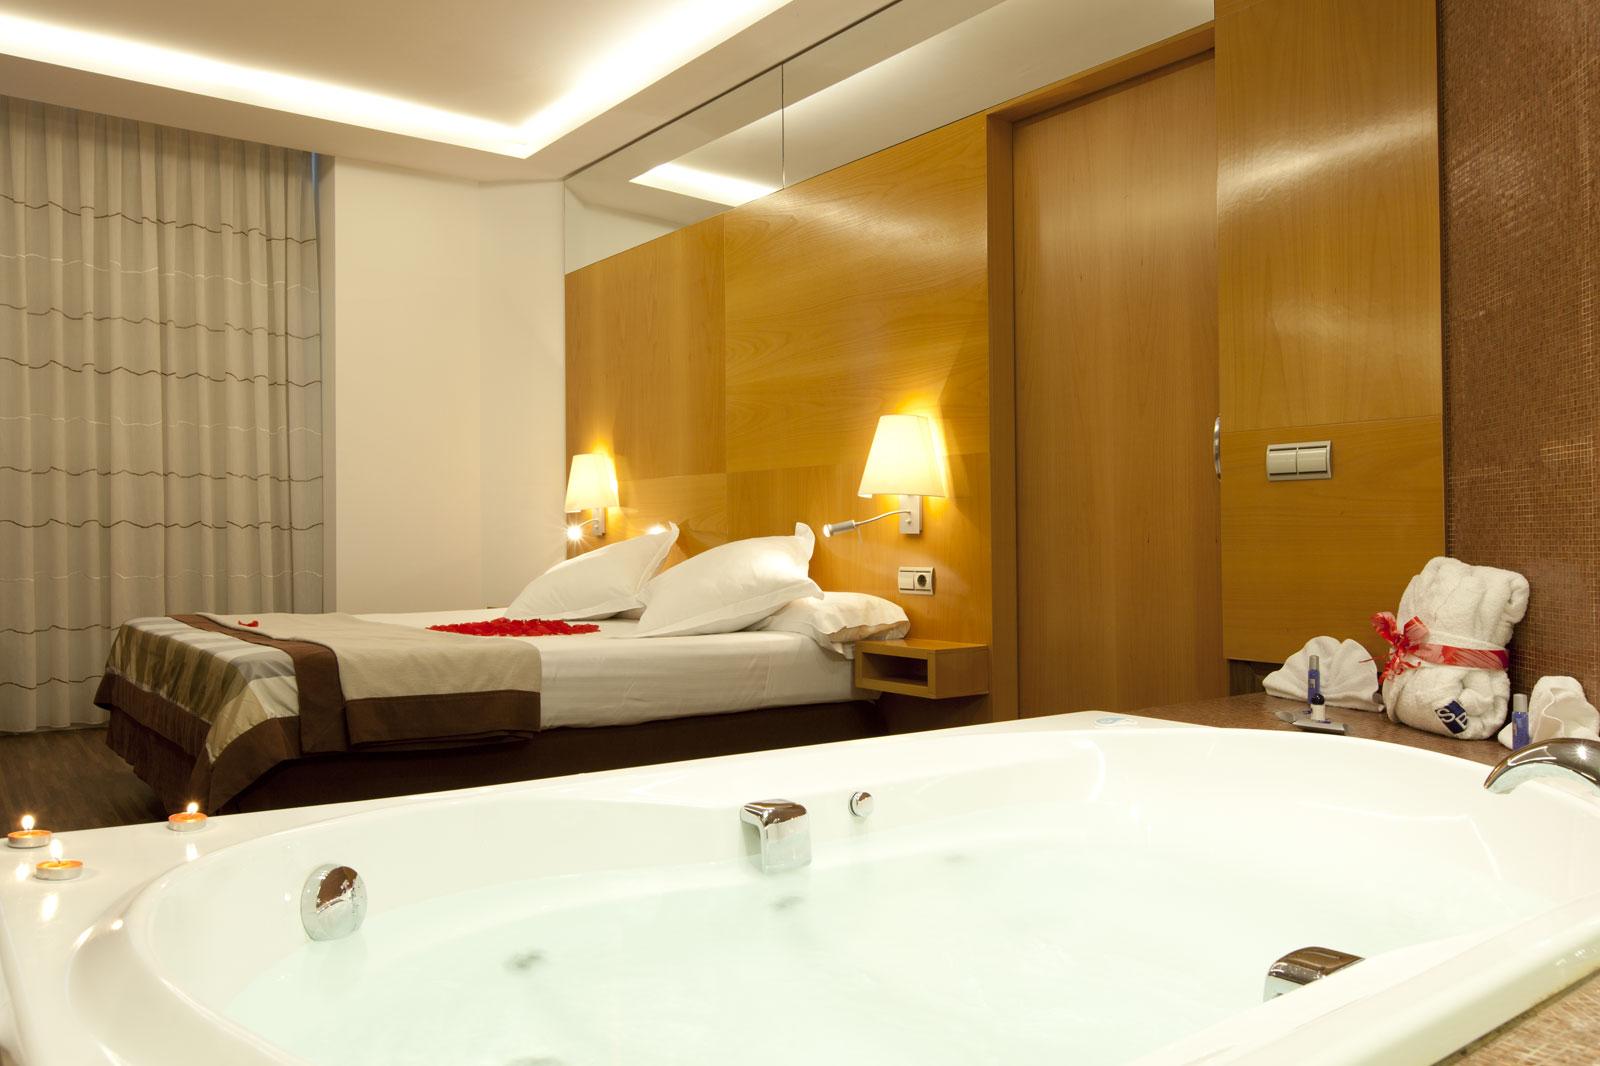 Hotel de luxe a barcelone avec jacuzzi - Hotel barcelone jacuzzi dans la chambre ...